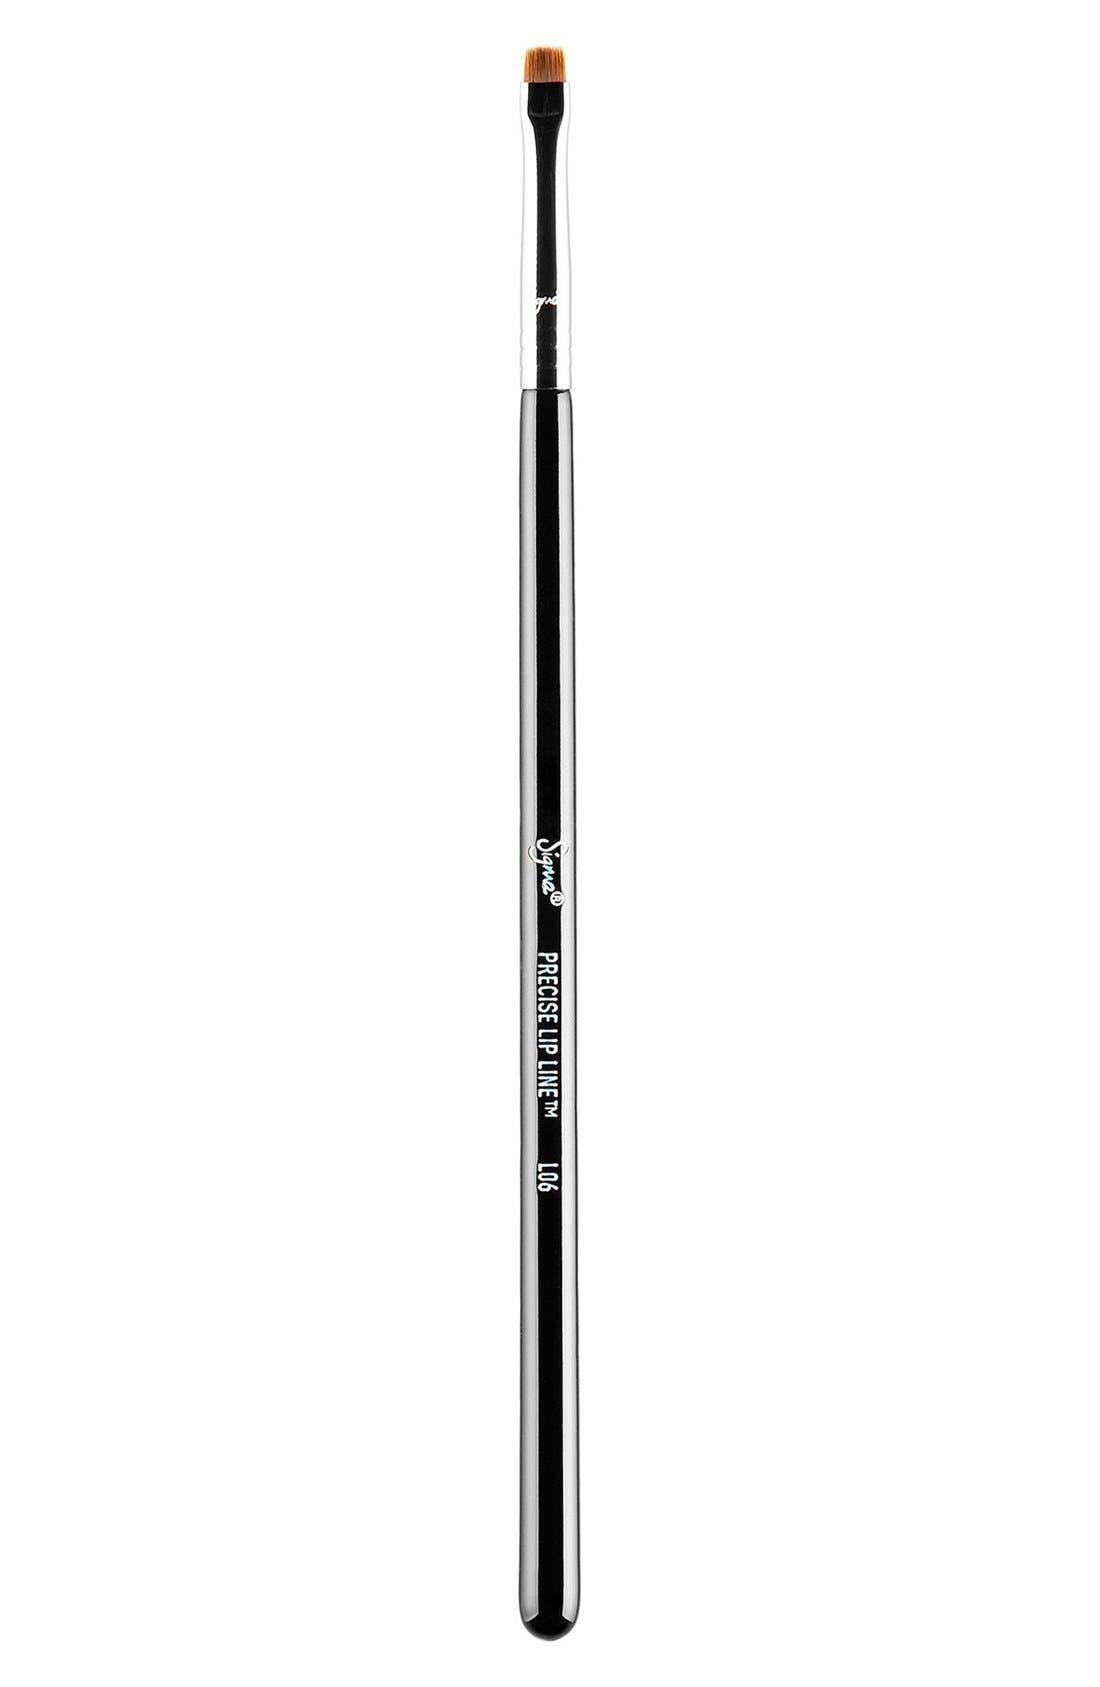 L06 Precise Lip Line Brush,                             Main thumbnail 1, color,                             NO COLOR